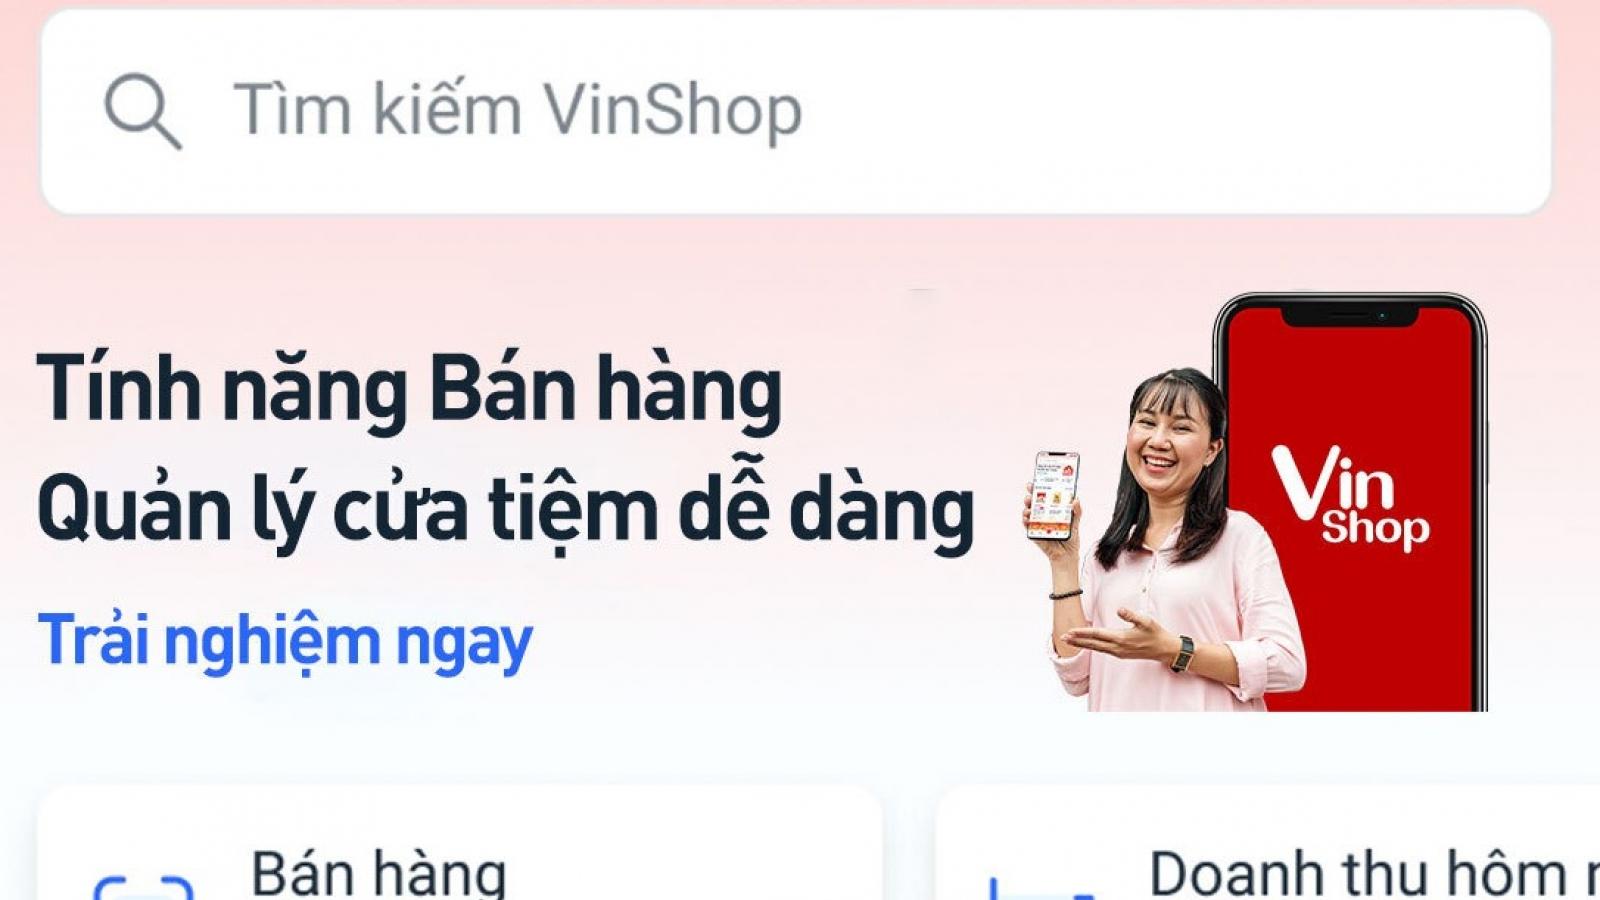 """VinShop sắp tung thêm """"vũ khí chiến lược"""" hỗ trợ đắc lực cho các chủ tiệm tạp hoá"""